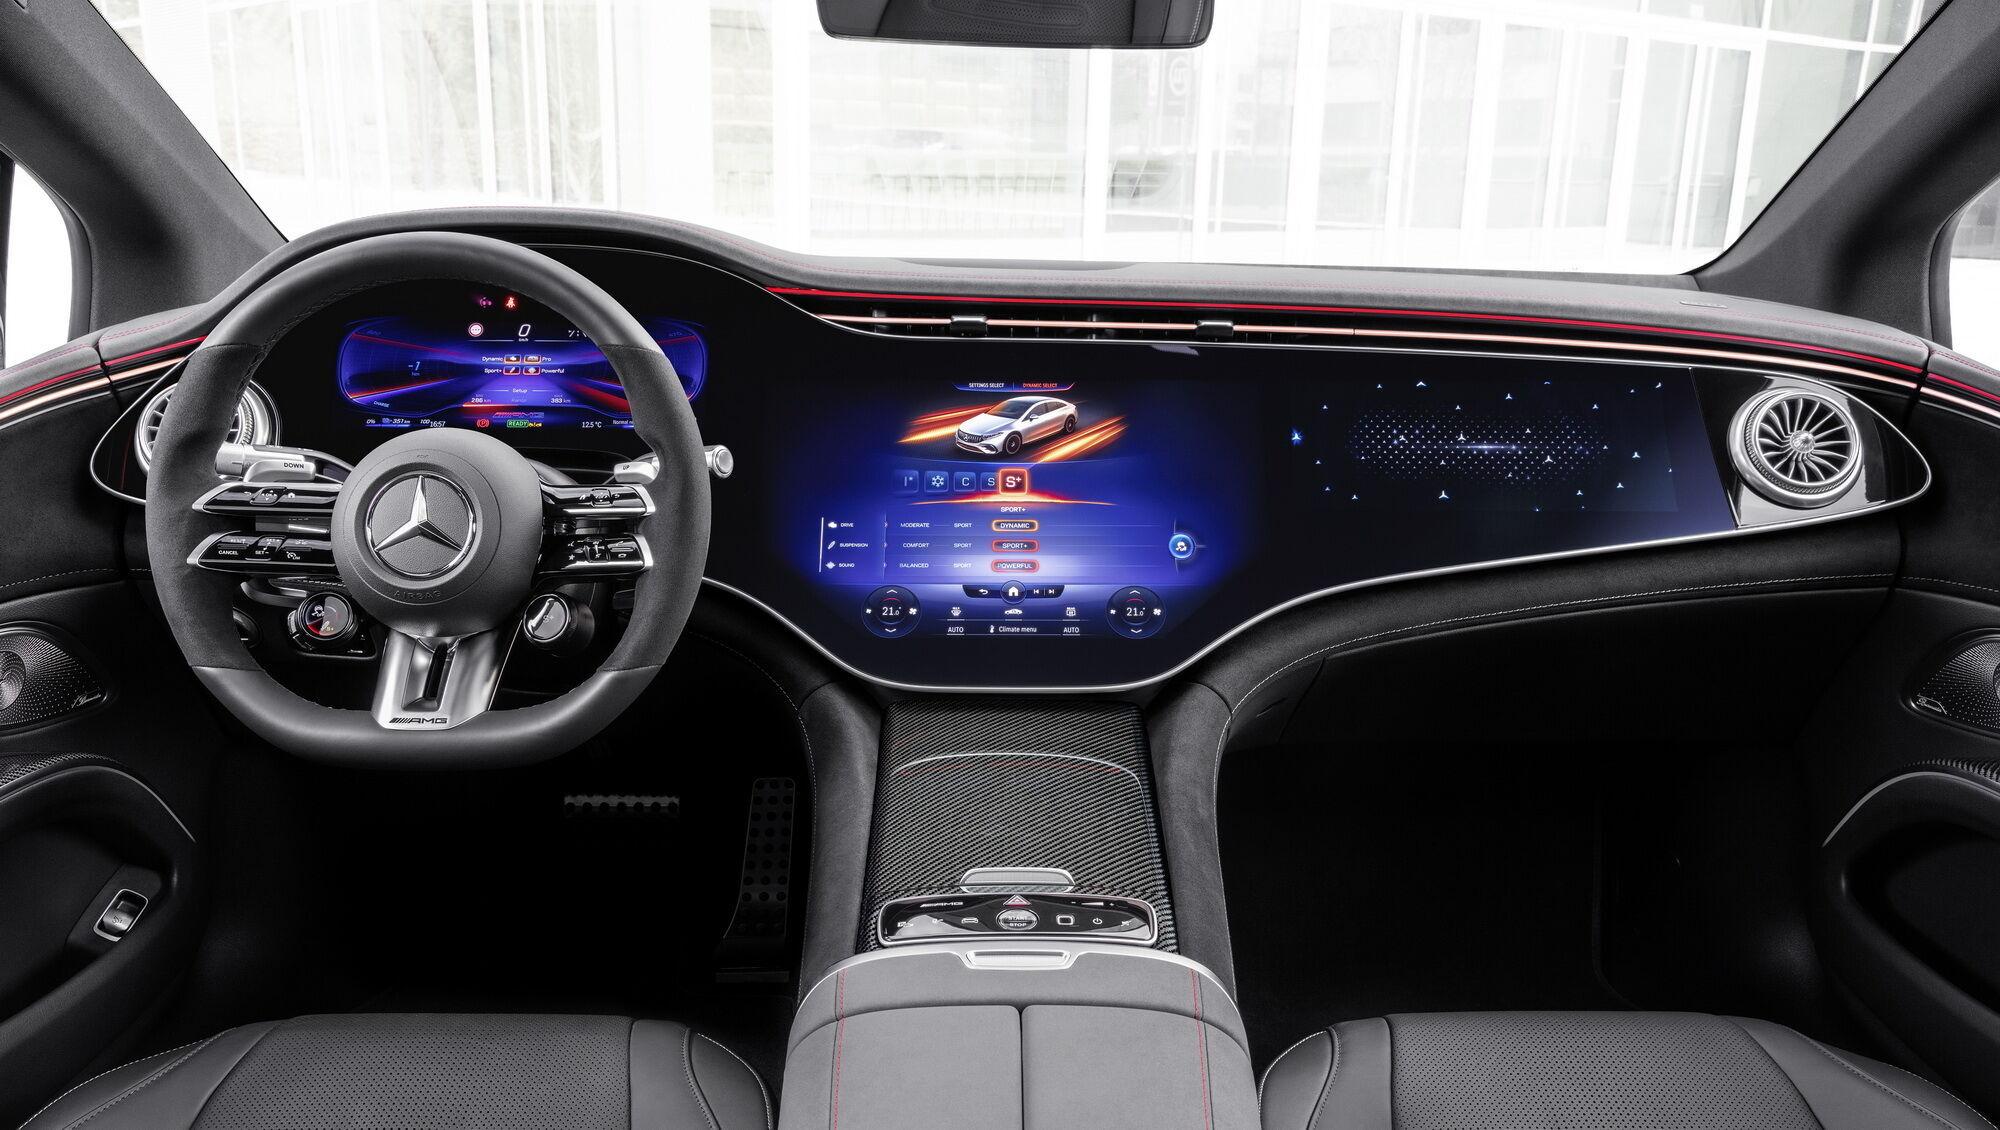 В салоне центральное место занимает огромная цифровая панель Hyperscreen с тремя экранами под единым стеклом и собственной графикой